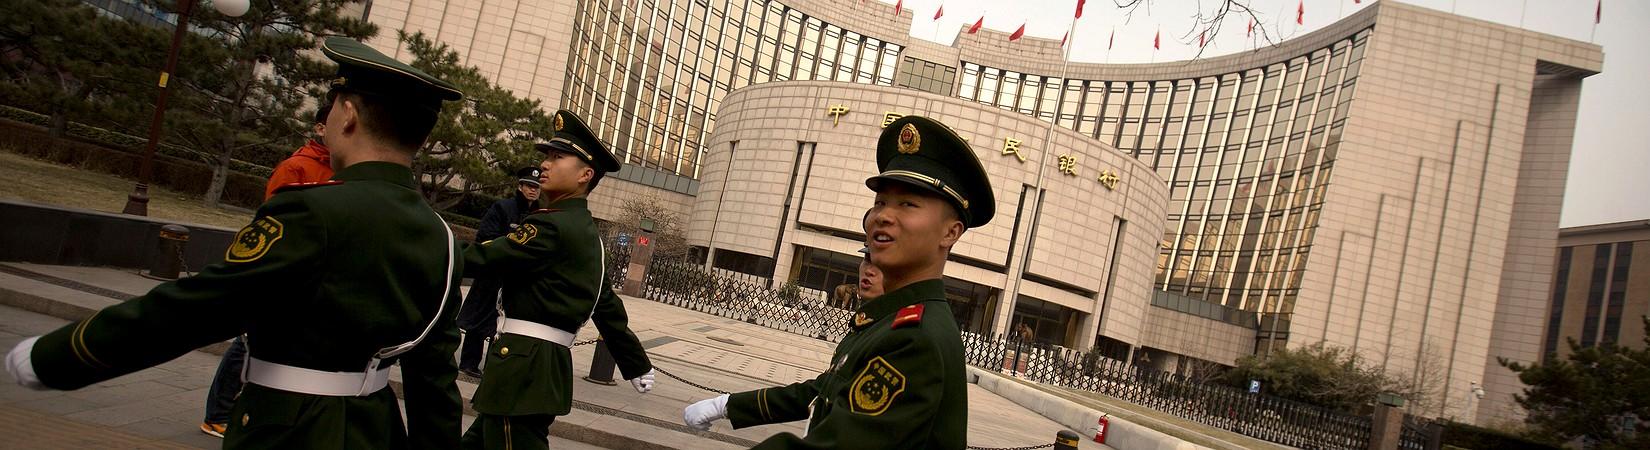 Что делает Китай, чтобы стать развитой страной